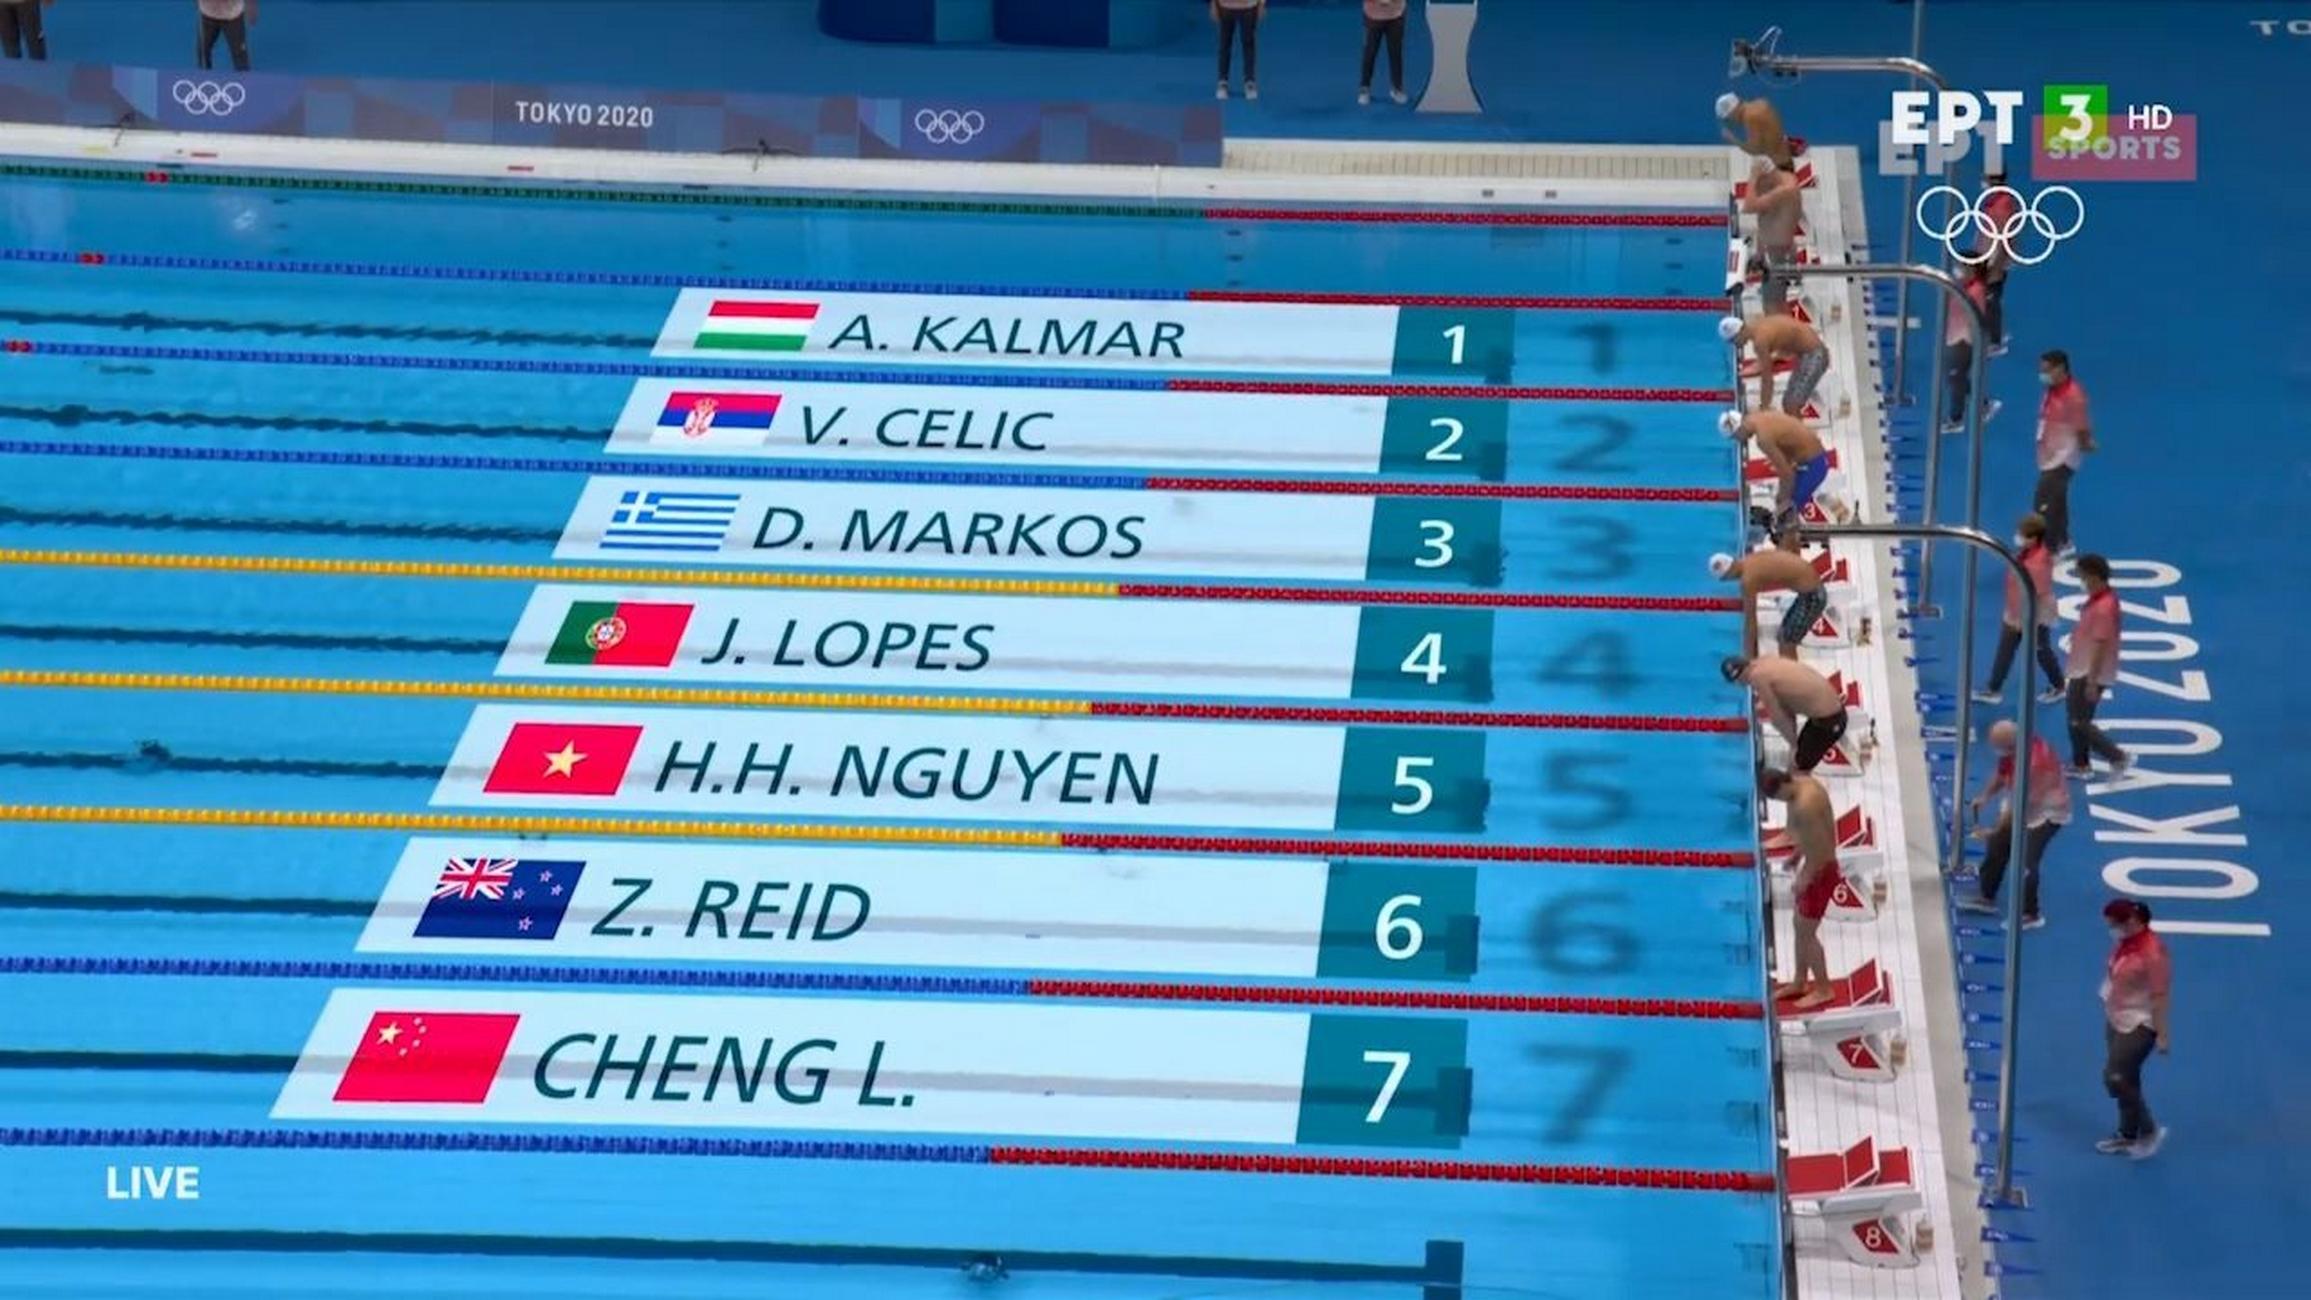 Ολυμπιακοί Αγώνες: Αποκλείστηκε ο Μάρκος στα 800 μέτρα ελεύθερο